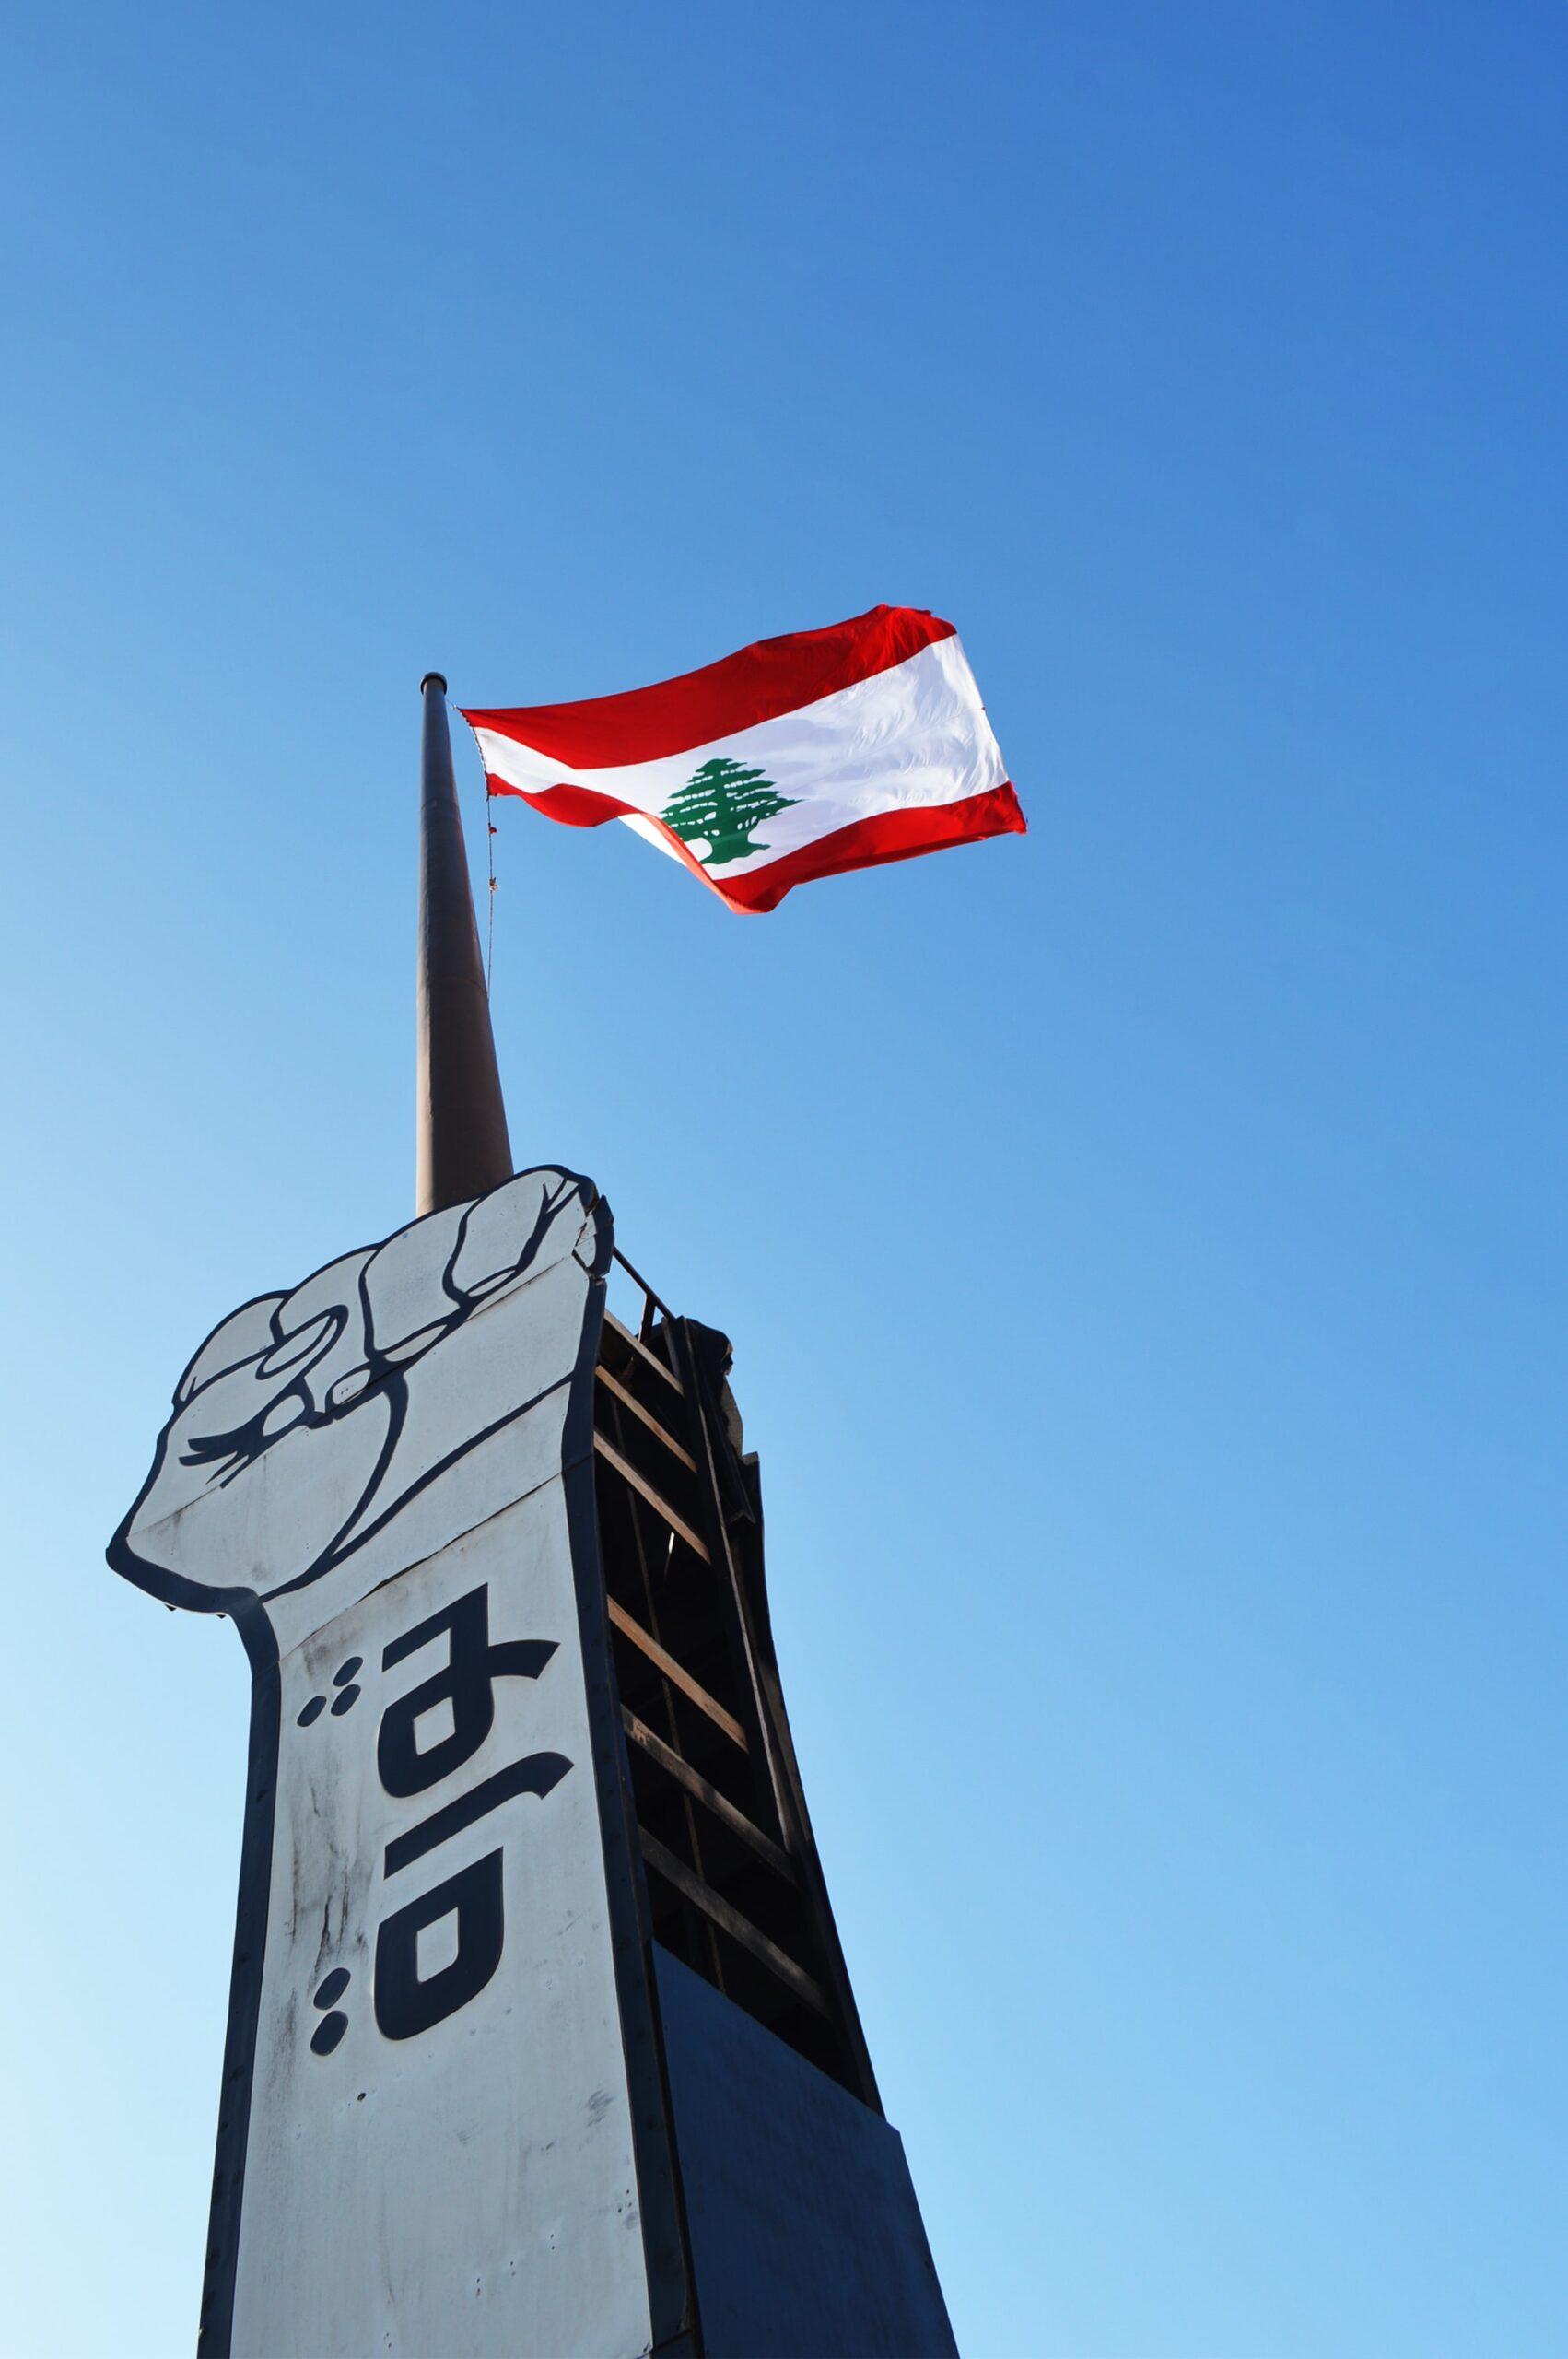 Drapeau libanais à la place Riad el-Solh, Beyrouth